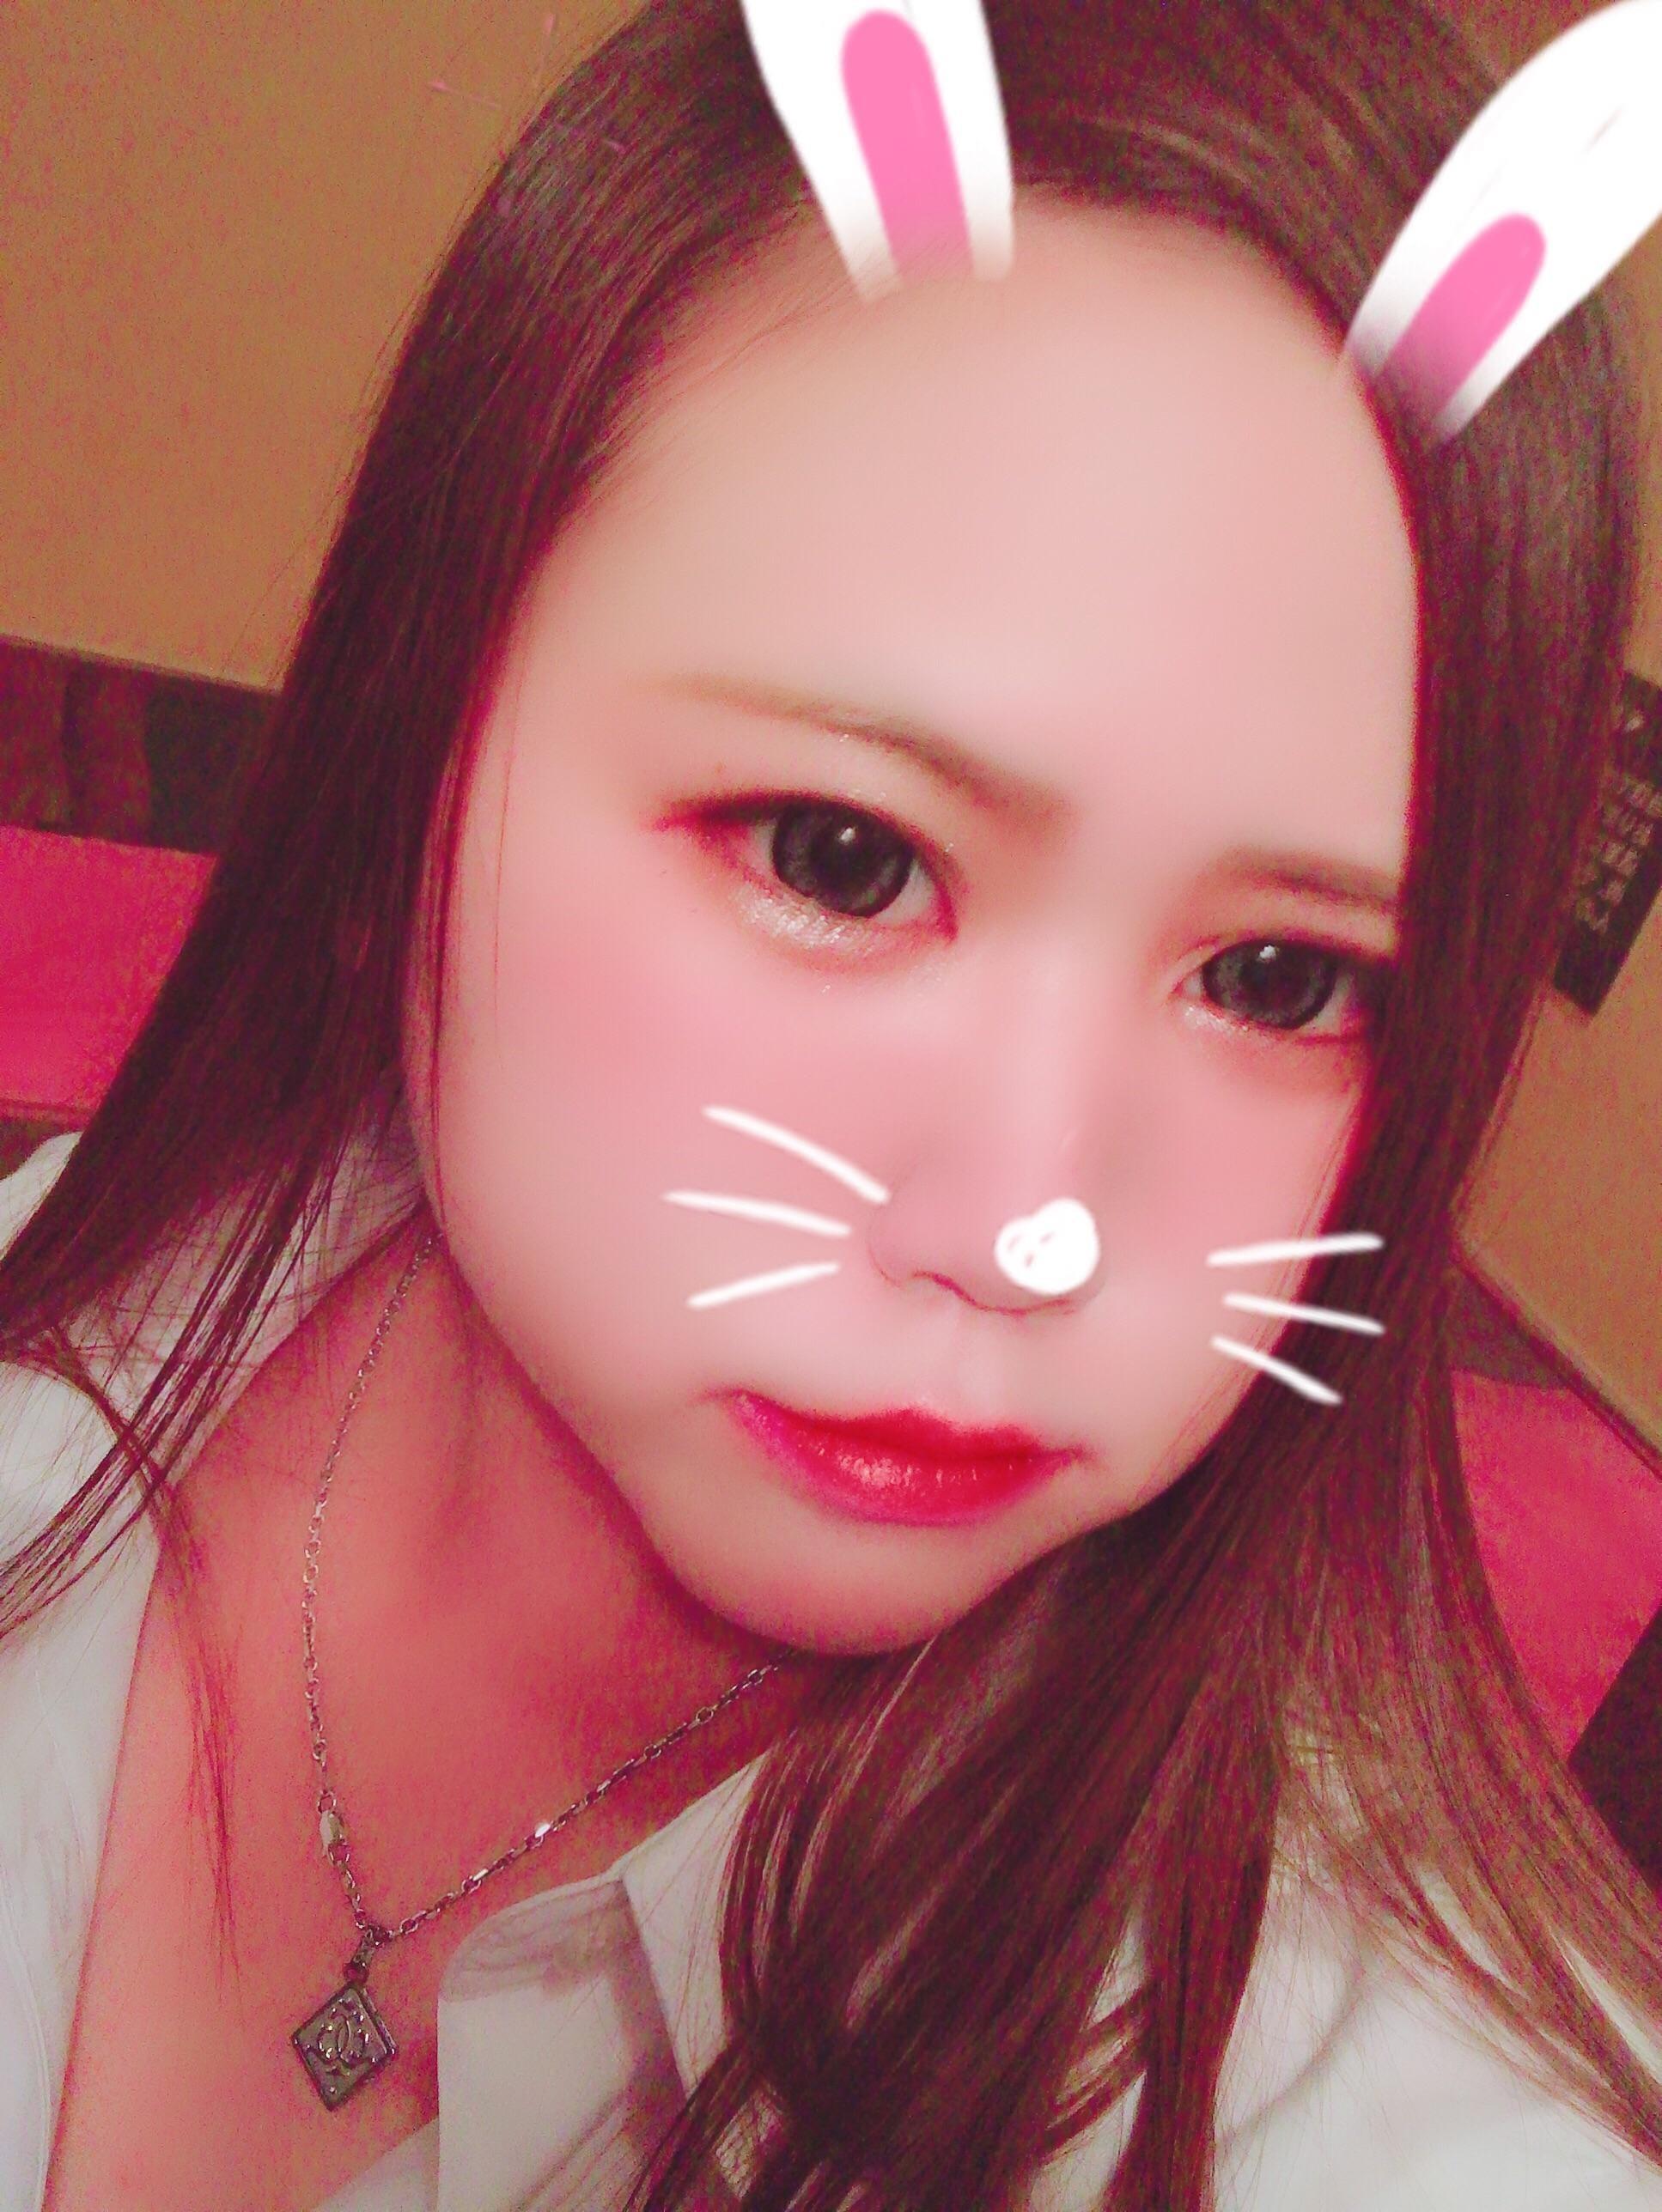 「ありがとぉ」12/16(日) 23:30 | 【奥様】じゅんの写メ・風俗動画